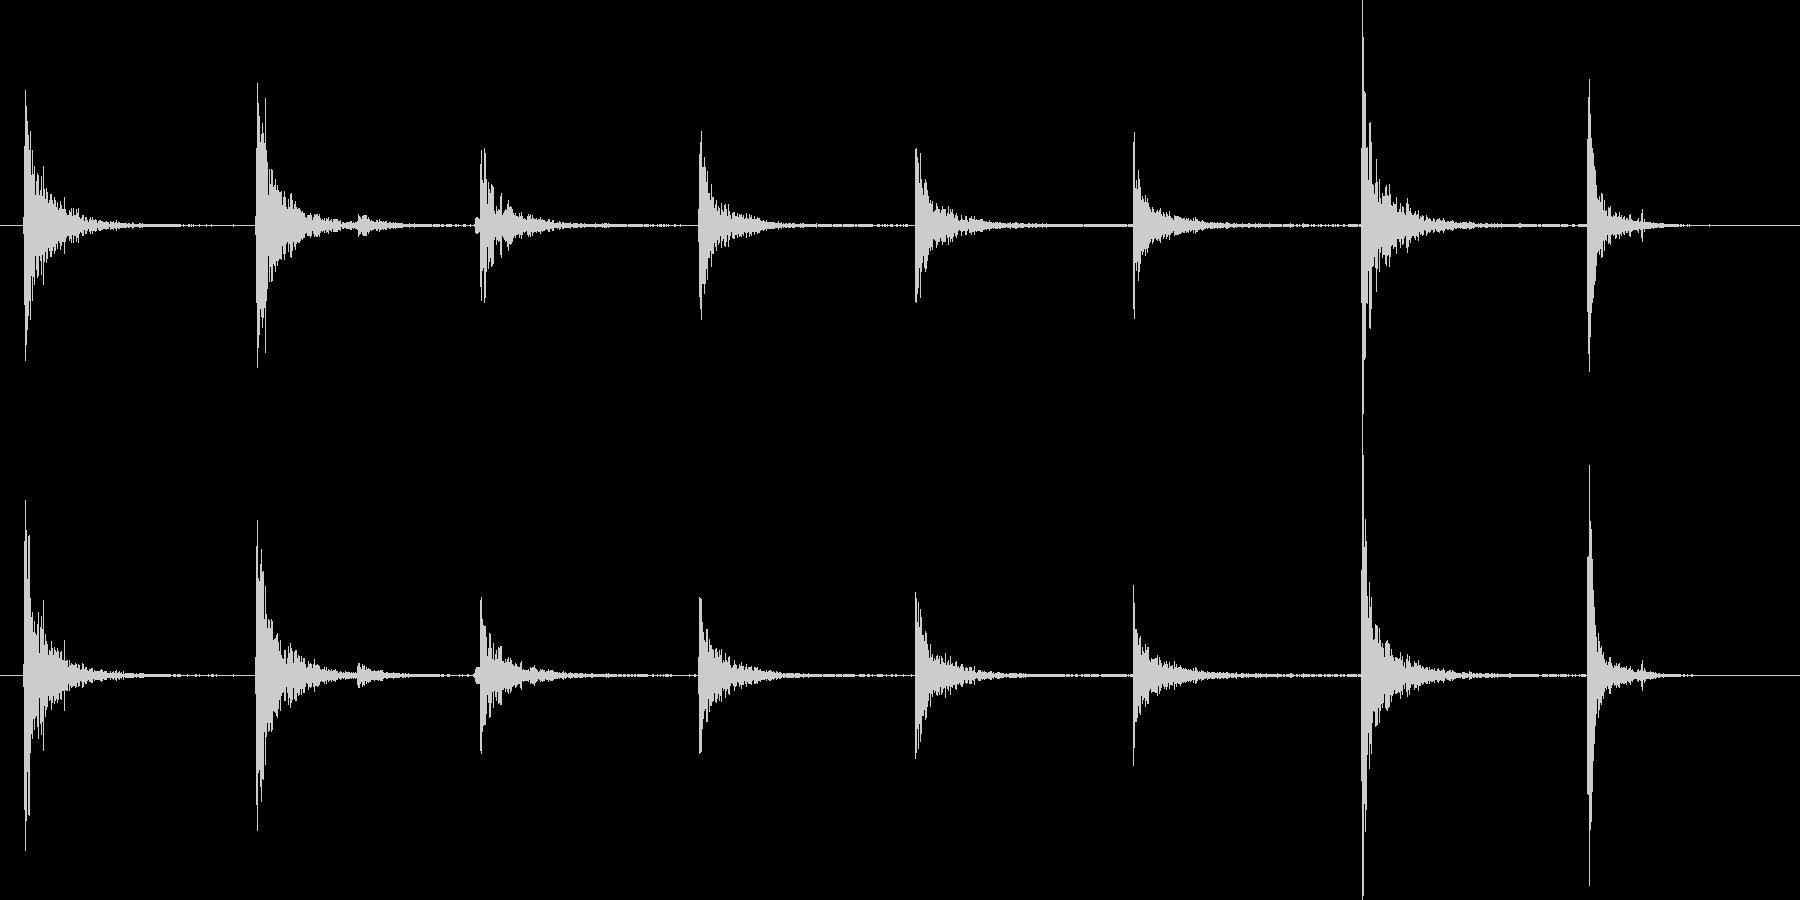 足跡-セラー階段を上下に歩くの未再生の波形